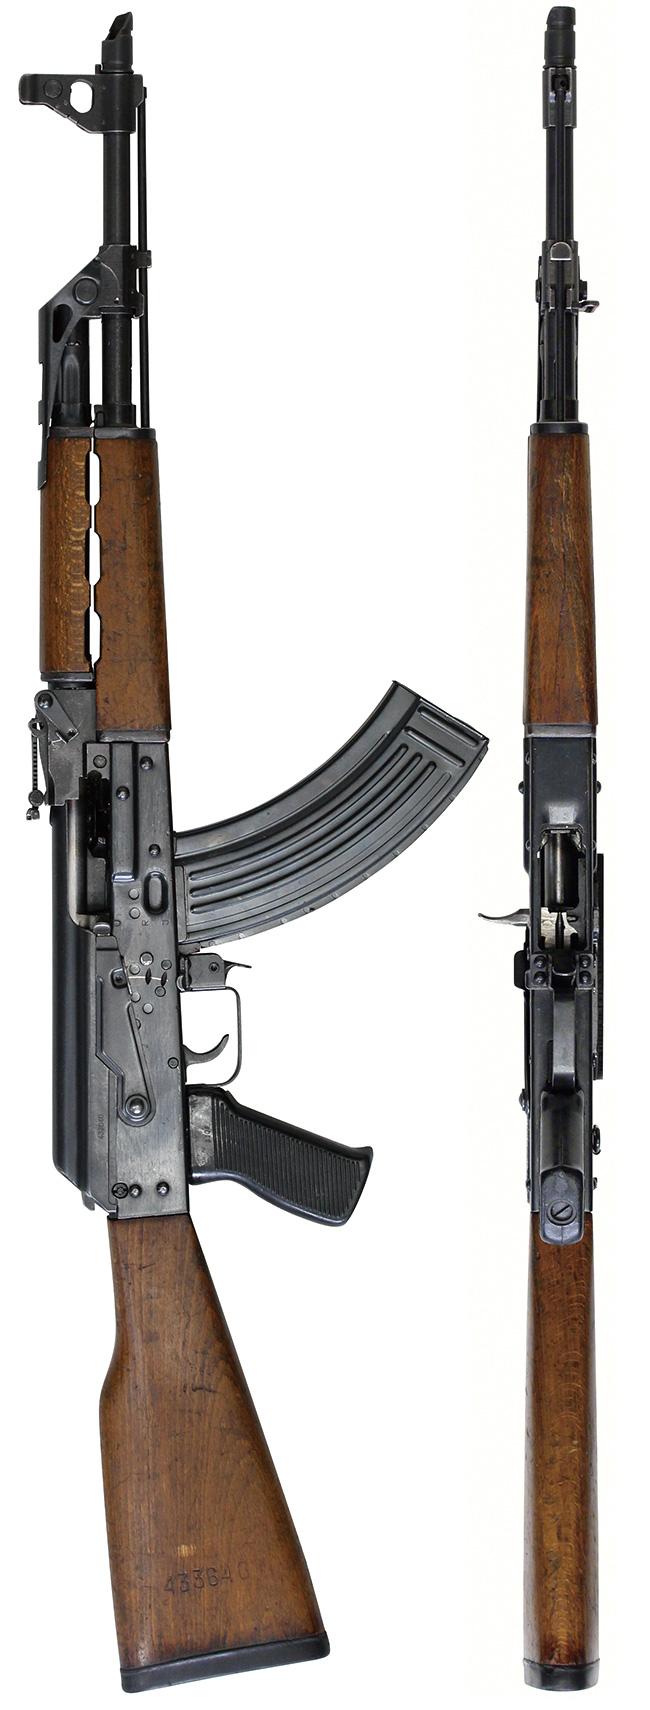 【3809】ツァスタバ-M70B1N-自動小銃-(複数在庫品、#433640)右.jpg